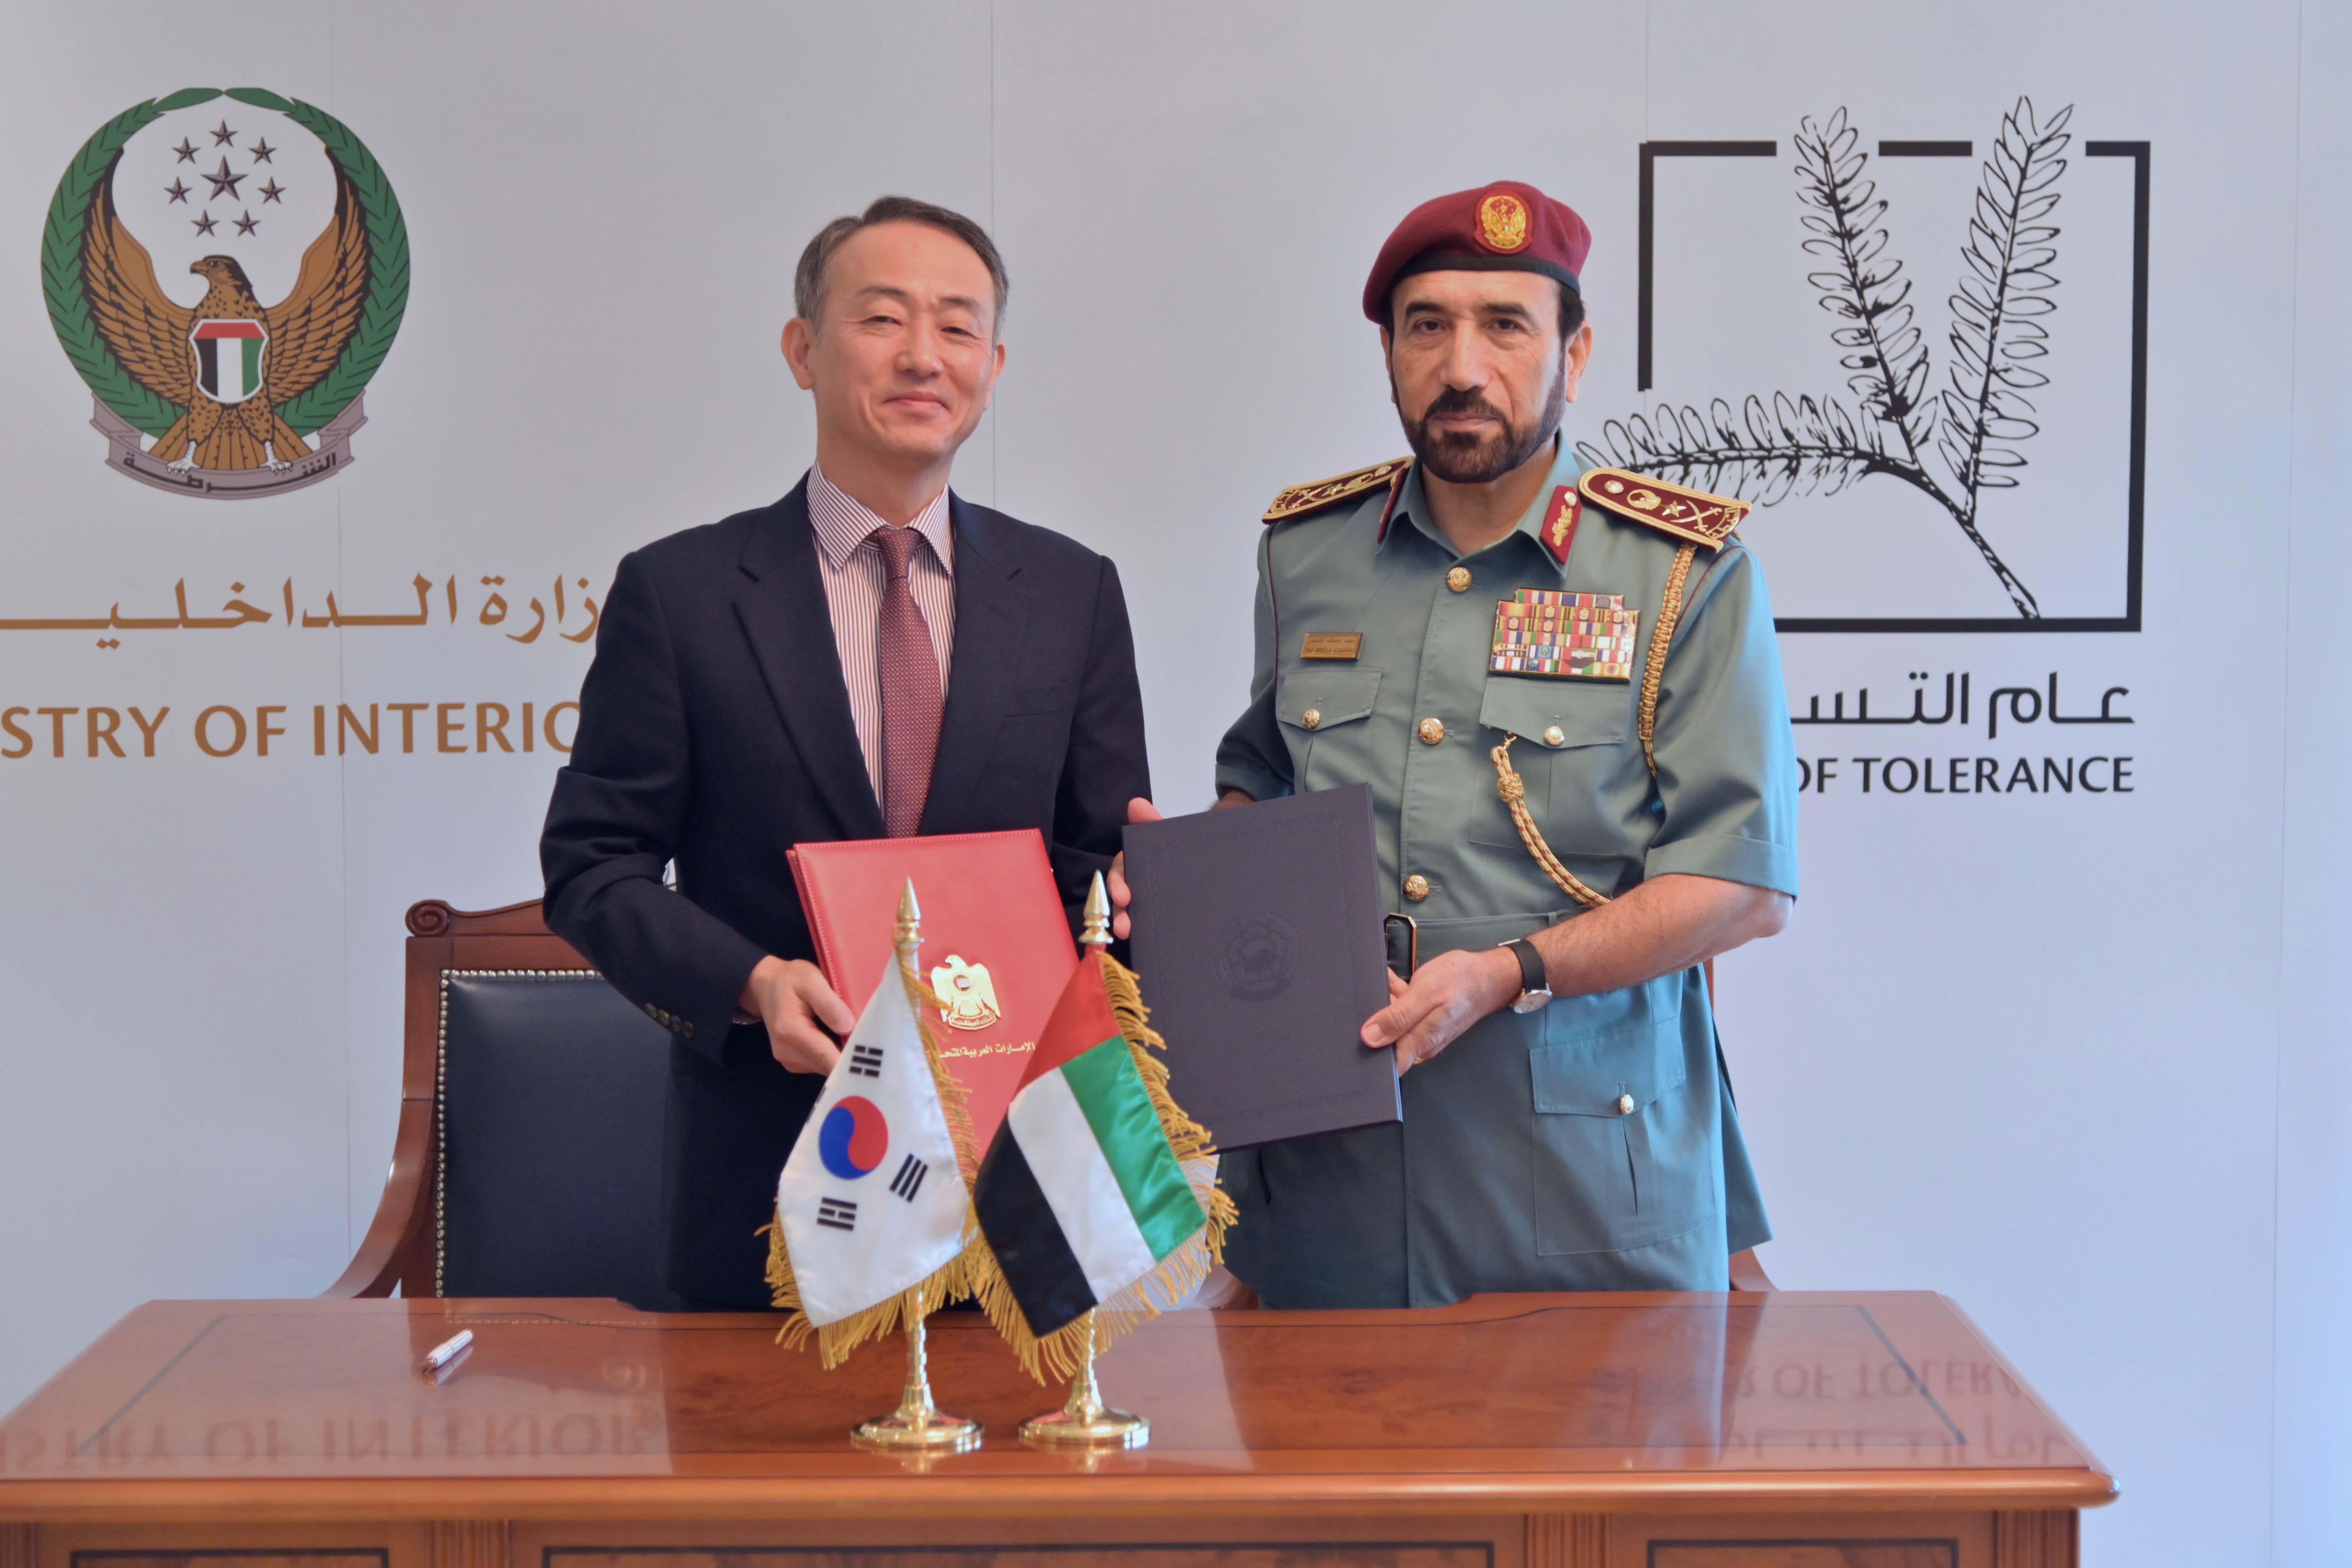 توقيع مذكرة تفاهم بين الإمارات وكوريا الجنوبية لاستبدال رخص القيادة